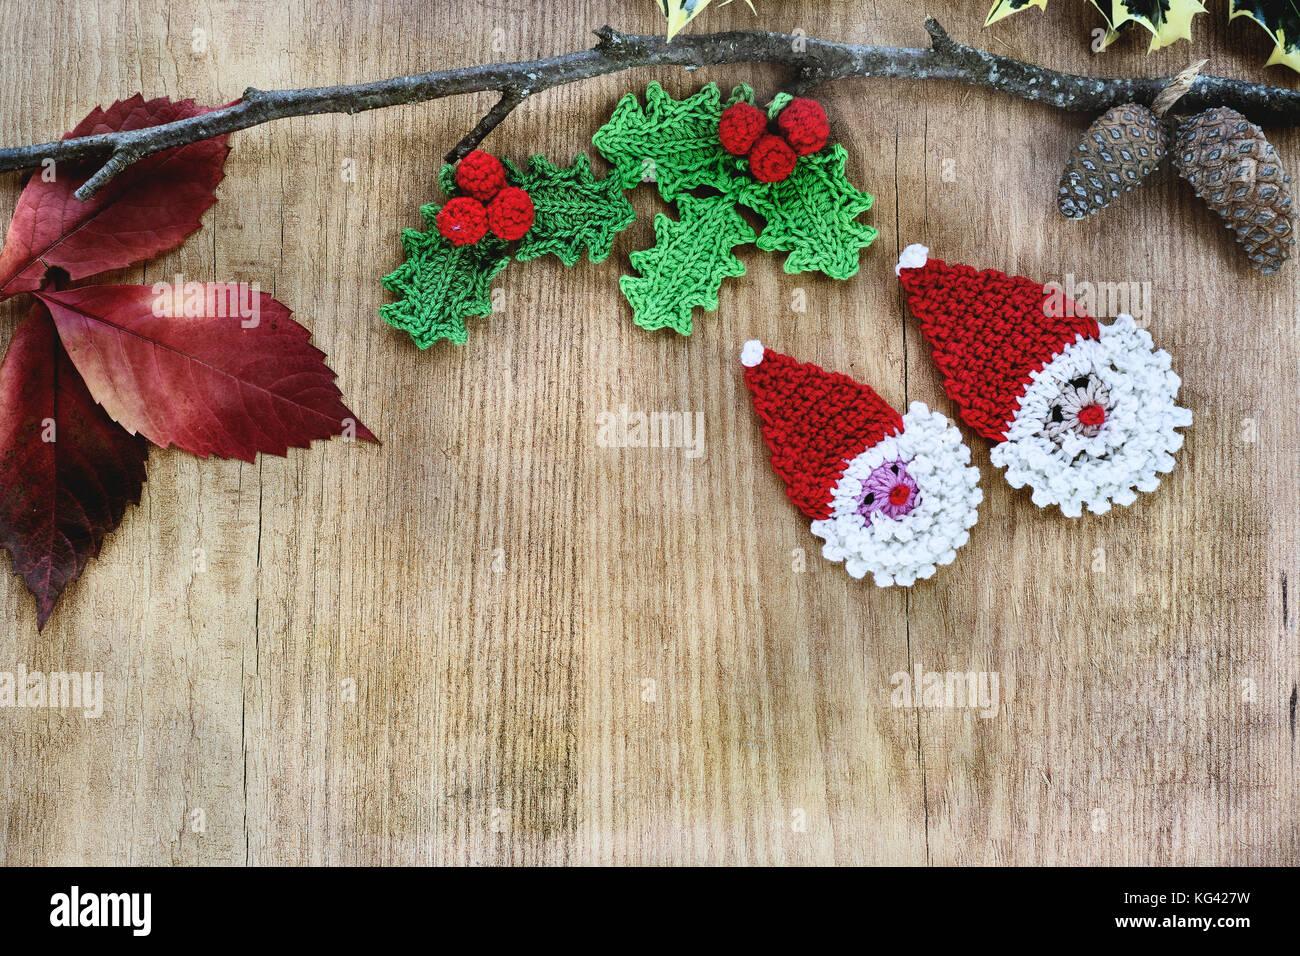 Weihnachtsschmuck im Häkeln, rustikalen Holzmöbeln Hintergrund mit ...